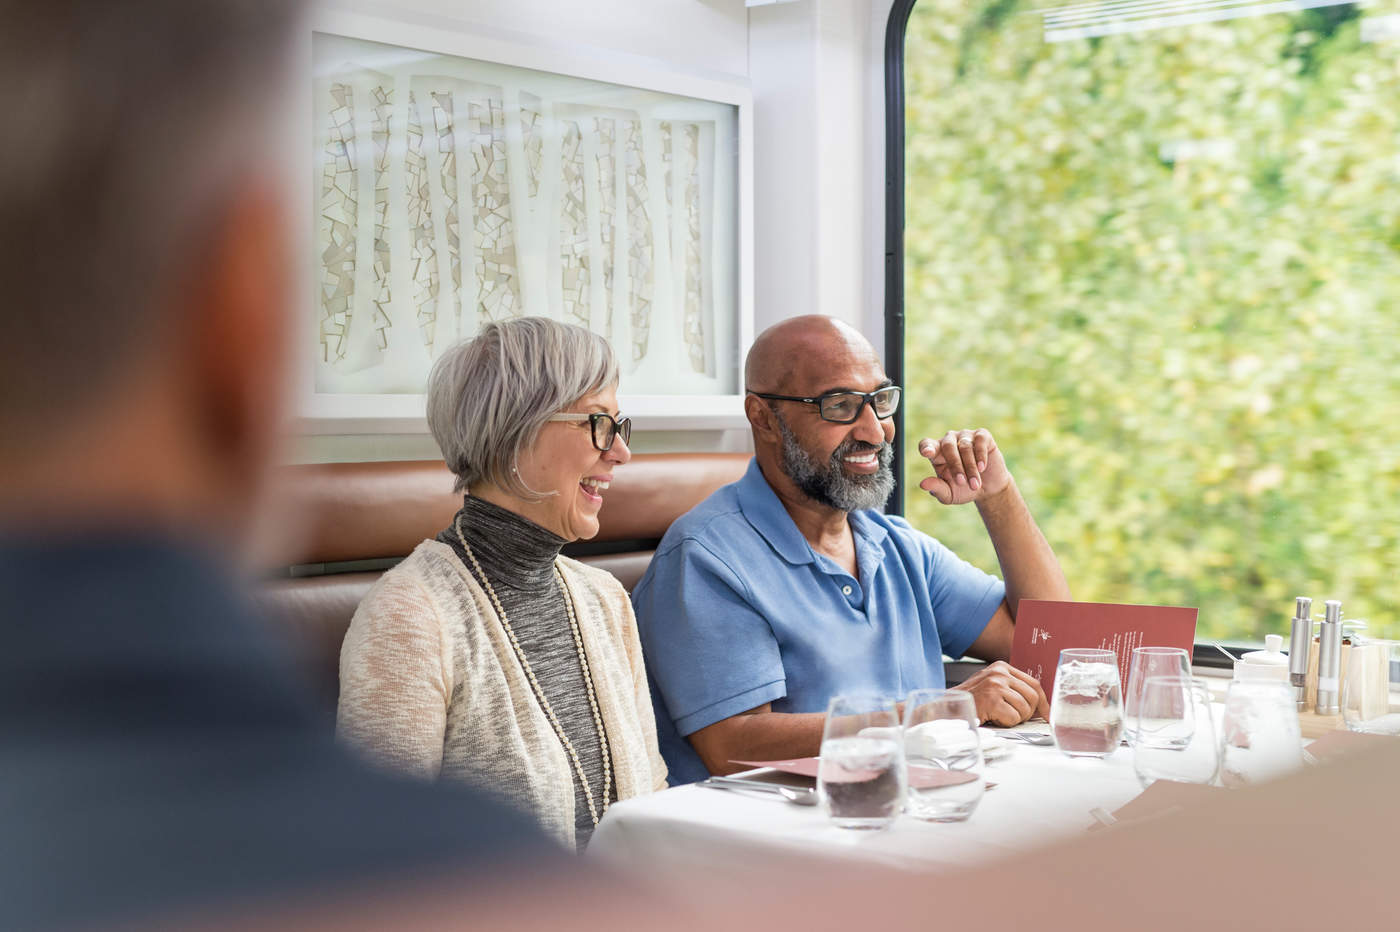 RM18_Onboard_GoldLeaf_Service_Dining